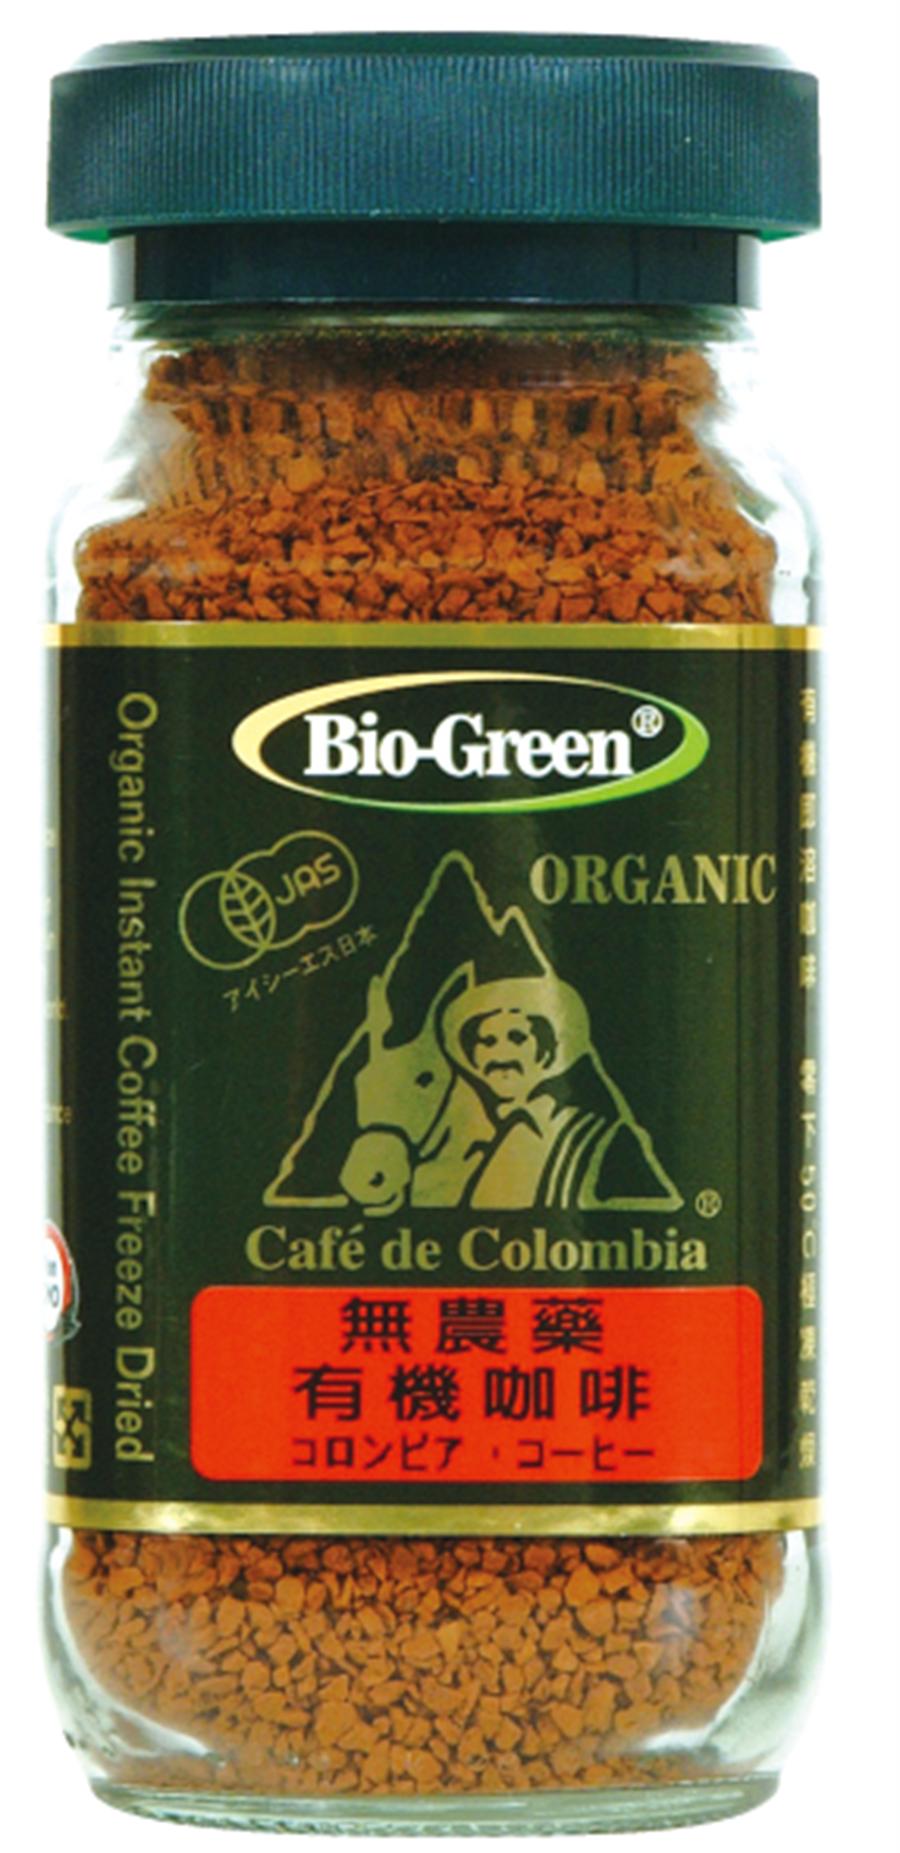 愛買囍瑞BIO-GREEN有機咖啡,每罐100g、398元,26日前買1送1。(愛買提供)